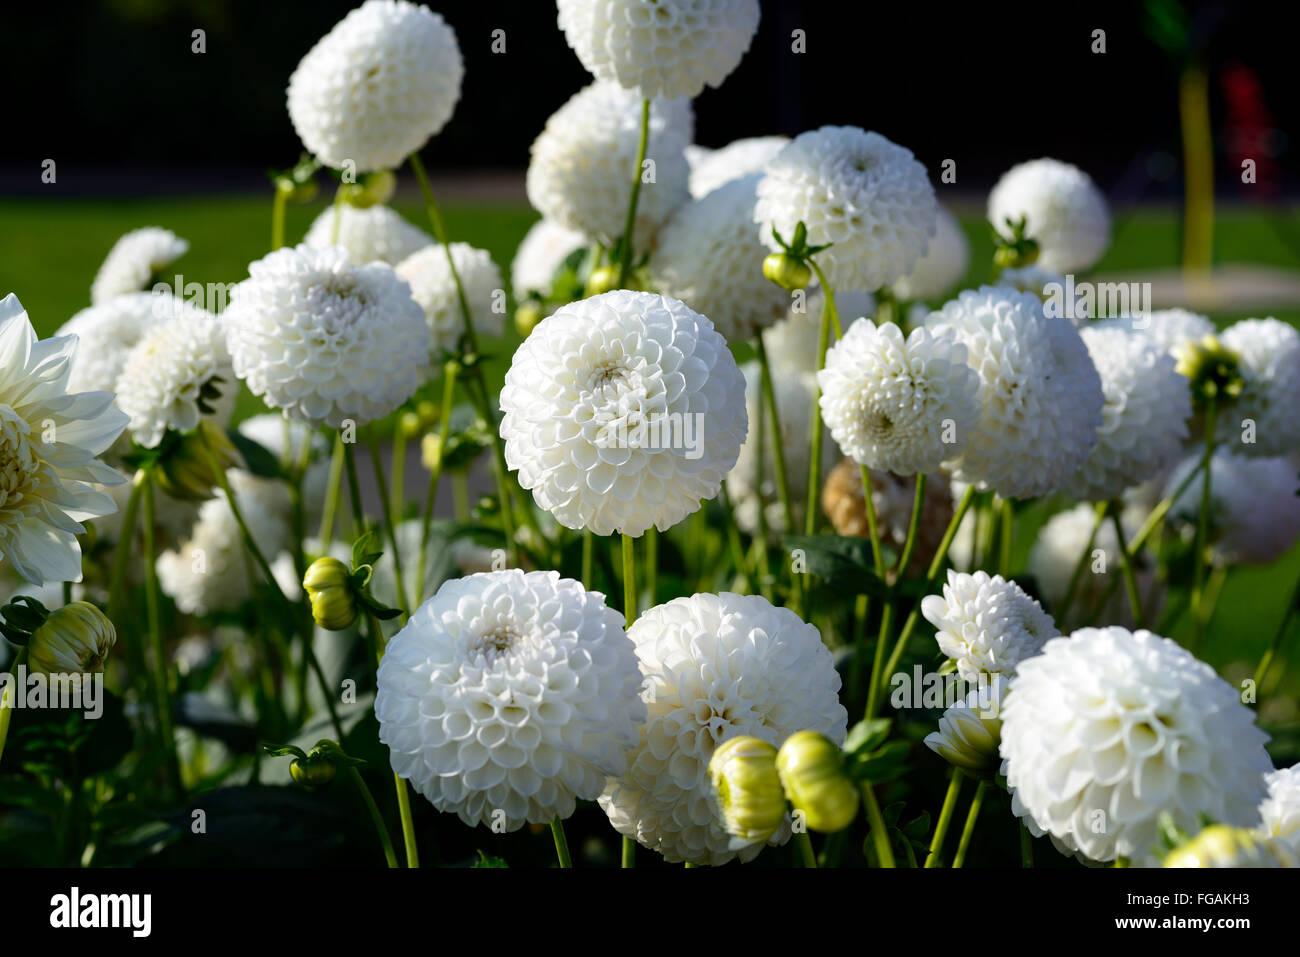 Dahlia lancresse white ball dahlias flower flowers bloom blossom dahlia lancresse white ball dahlias flower flowers bloom blossom perennial tuber tuberous plant rm floral mightylinksfo